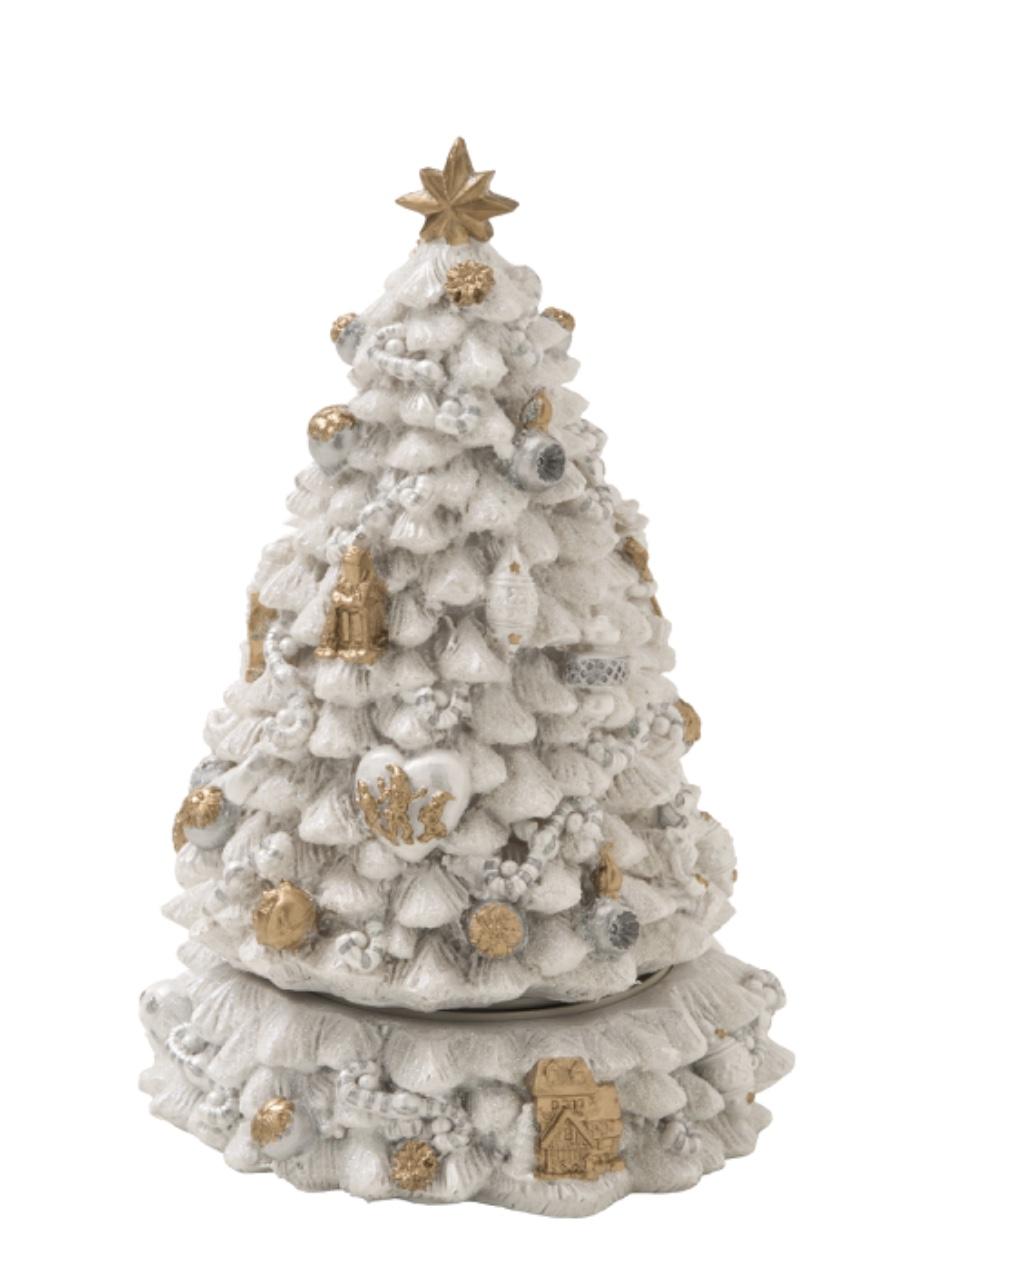 Foto Alberi Di Natale Bianchi carillon albero di natale con movimento-bianco- 17,5x29,5 cm- brandani49